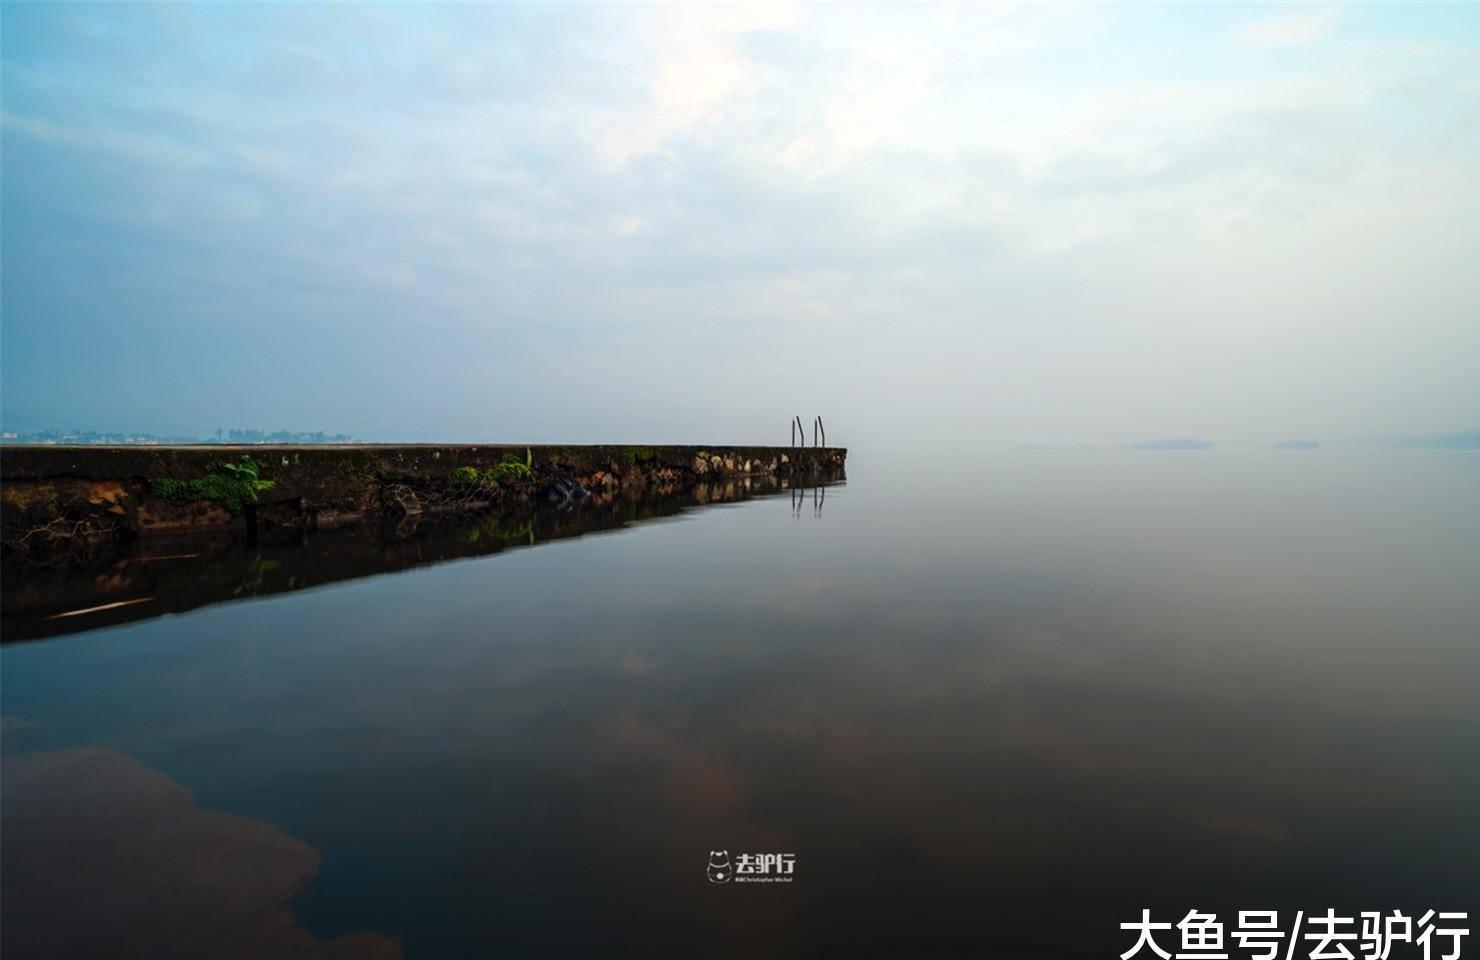 世界水能大国:坐拥世界第二大河却无力开发,全国缺水又缺电